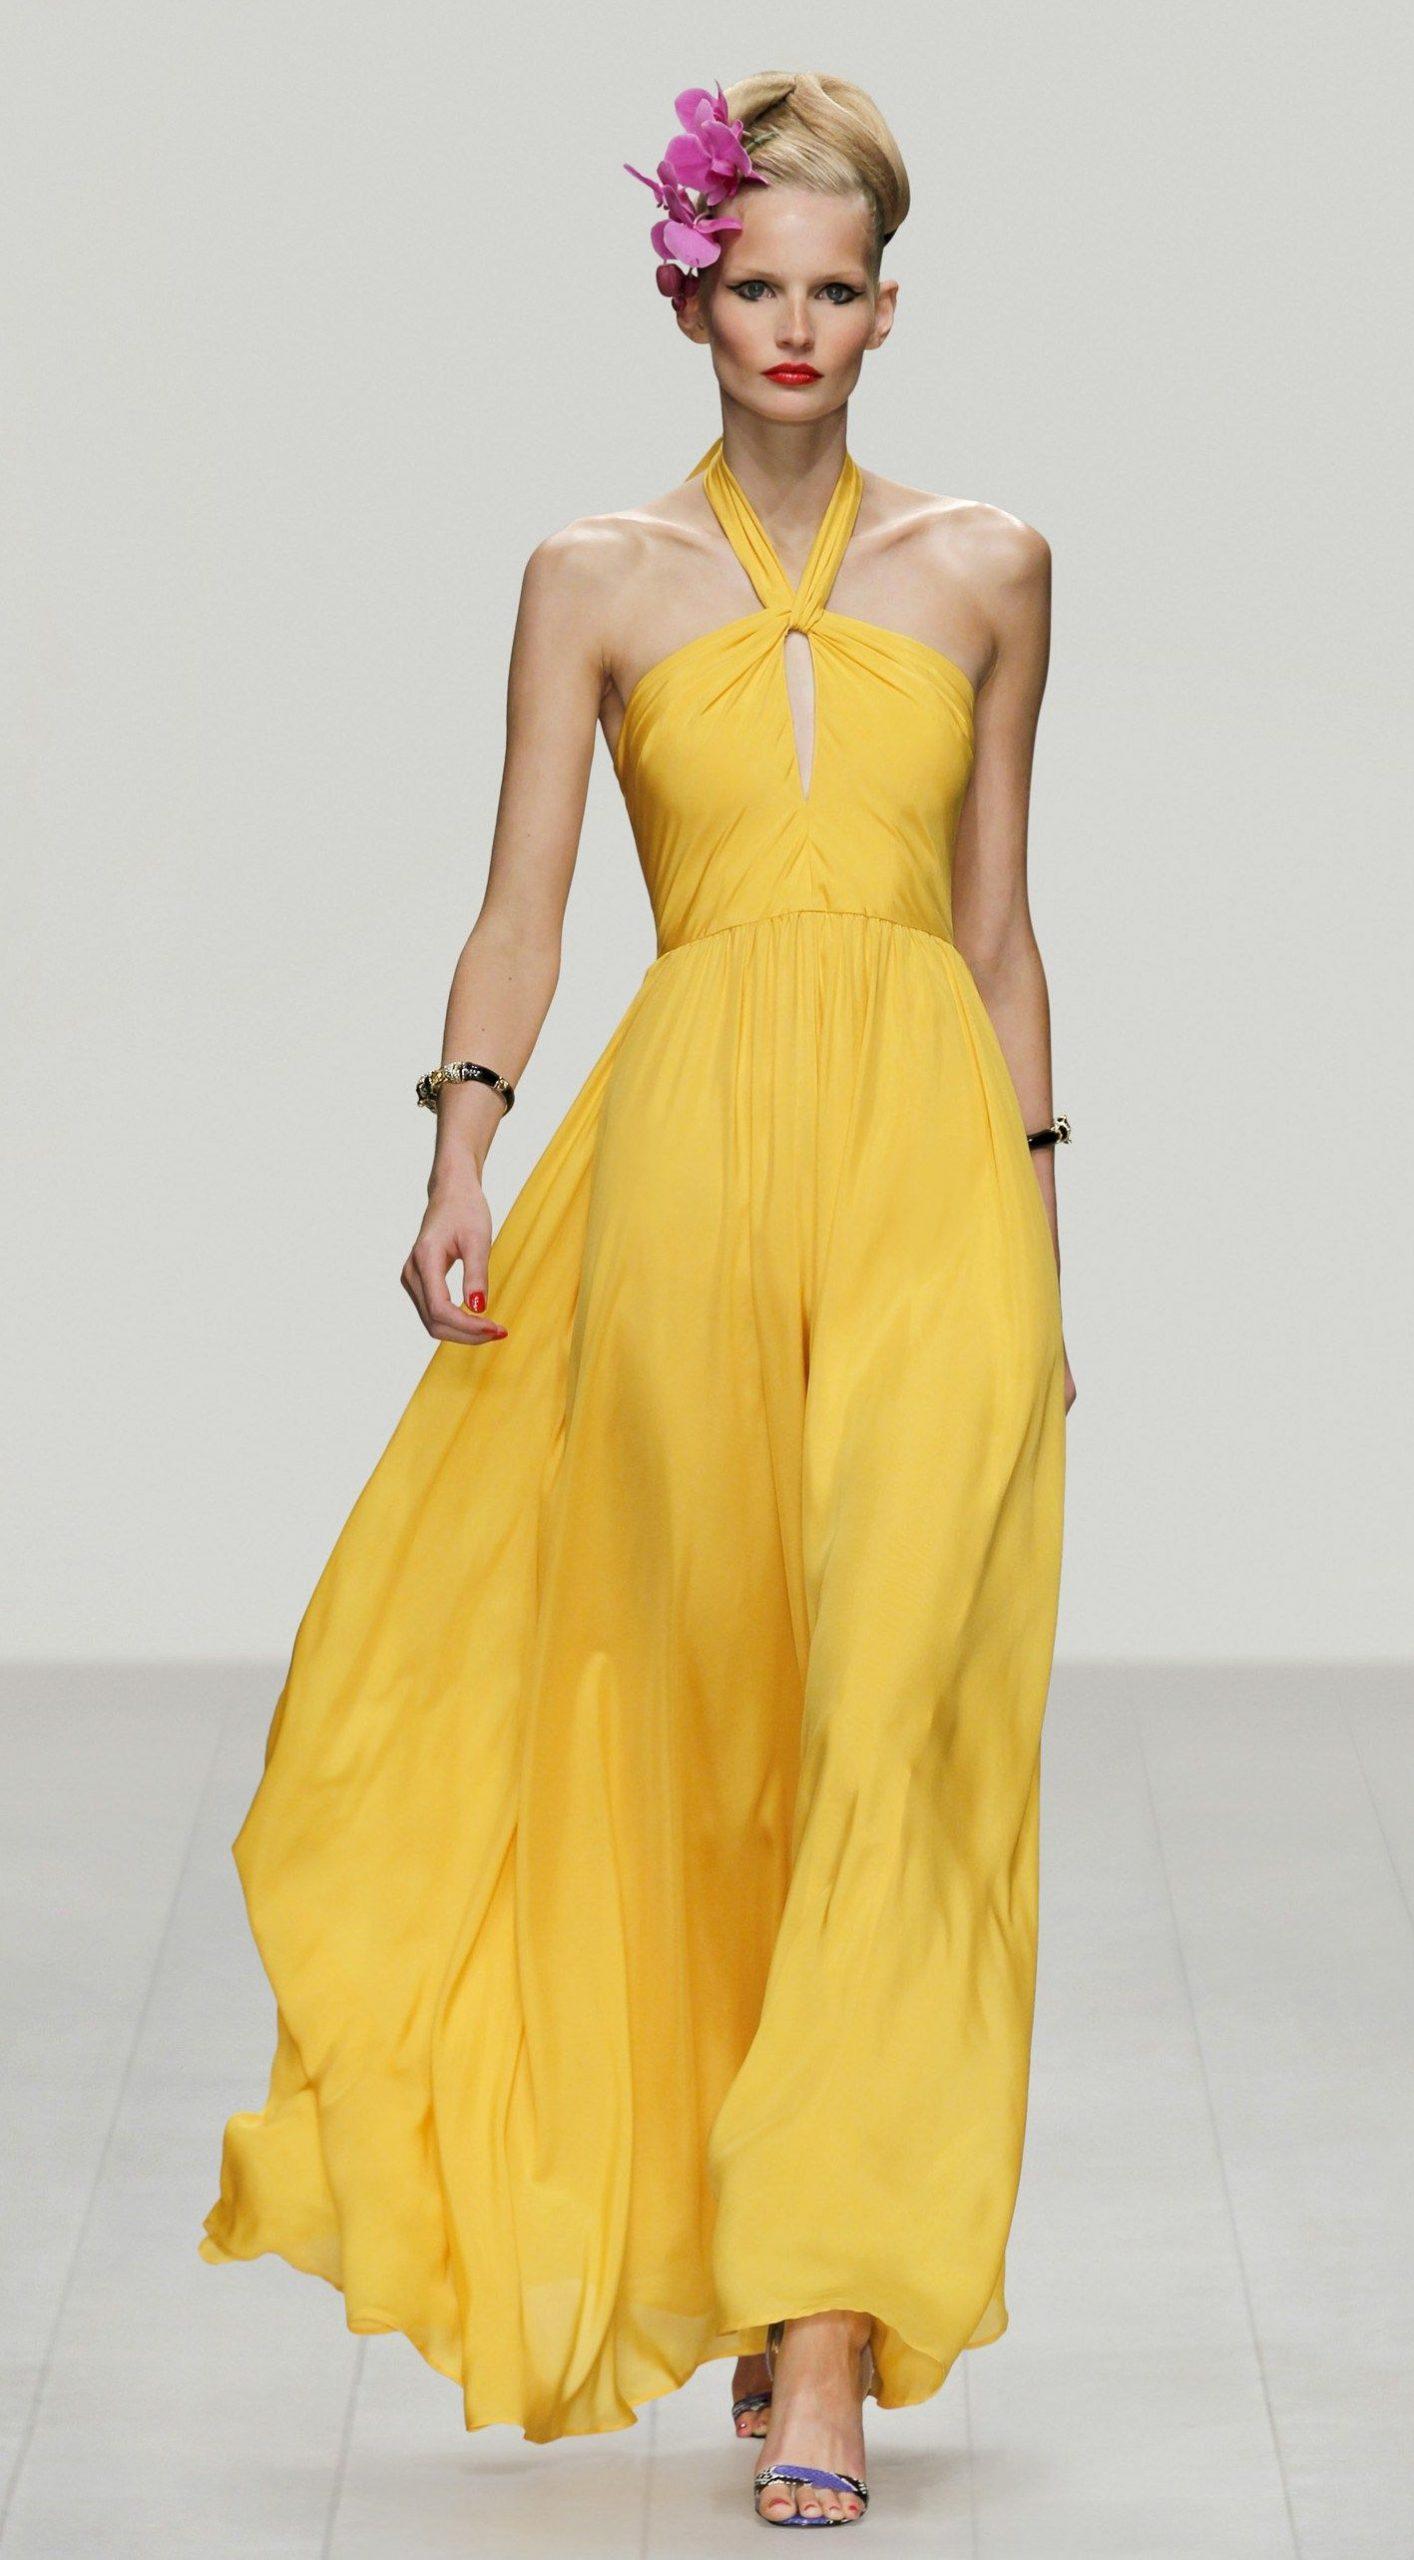 17 Cool Abend Kleider In Gelb DesignDesigner Schön Abend Kleider In Gelb Stylish